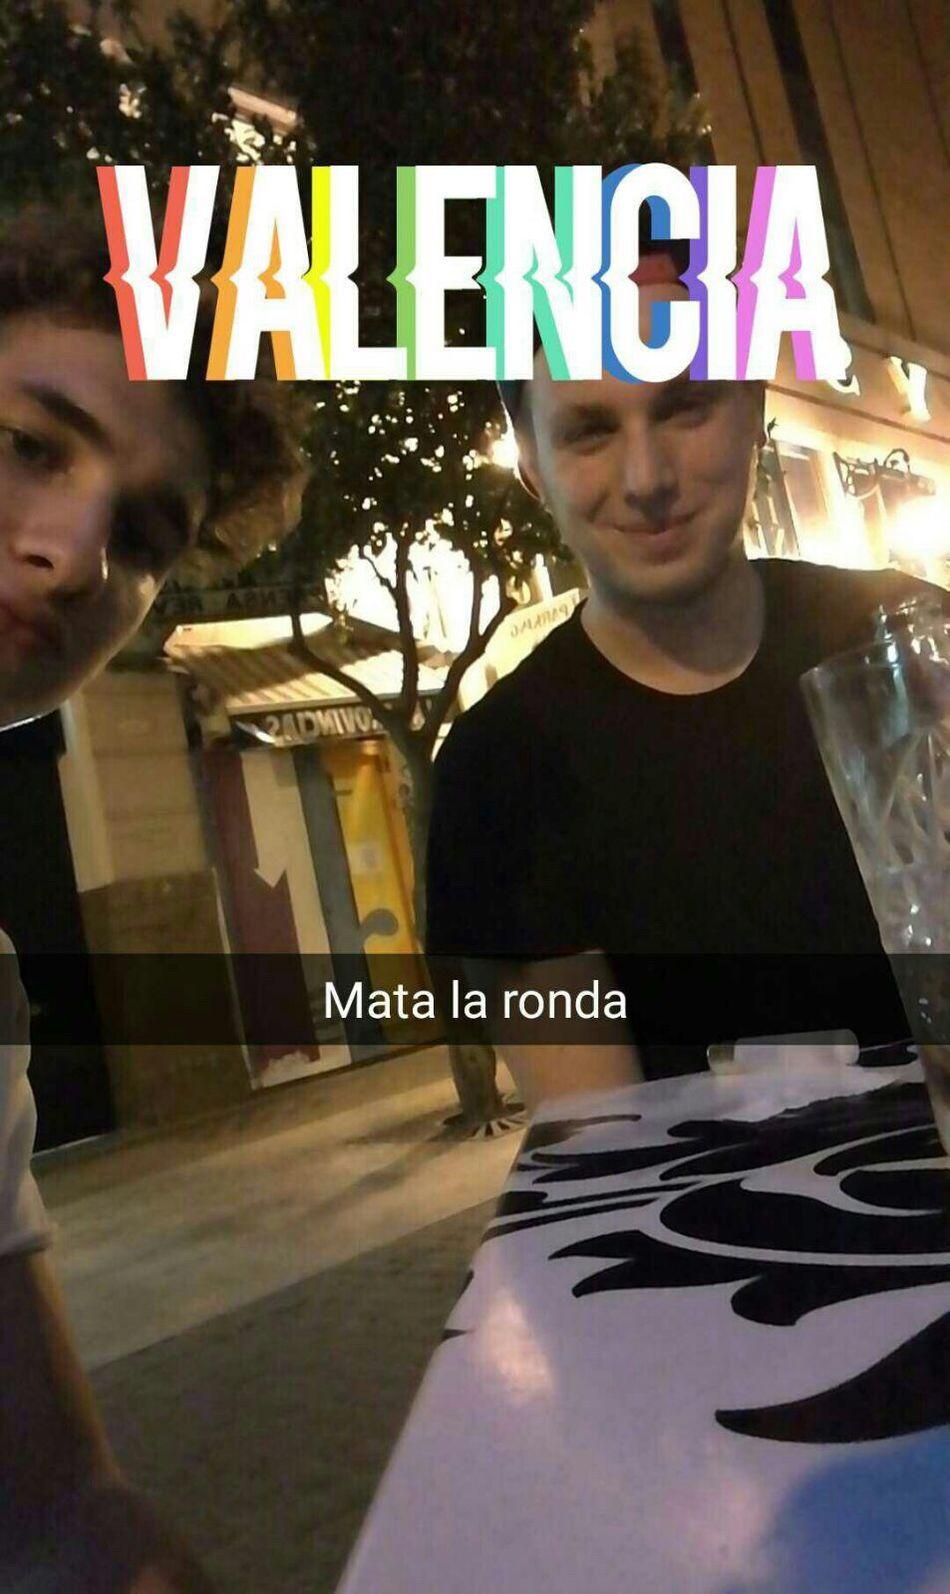 NoyzNarcos Valencia, Spain MataLaHurra